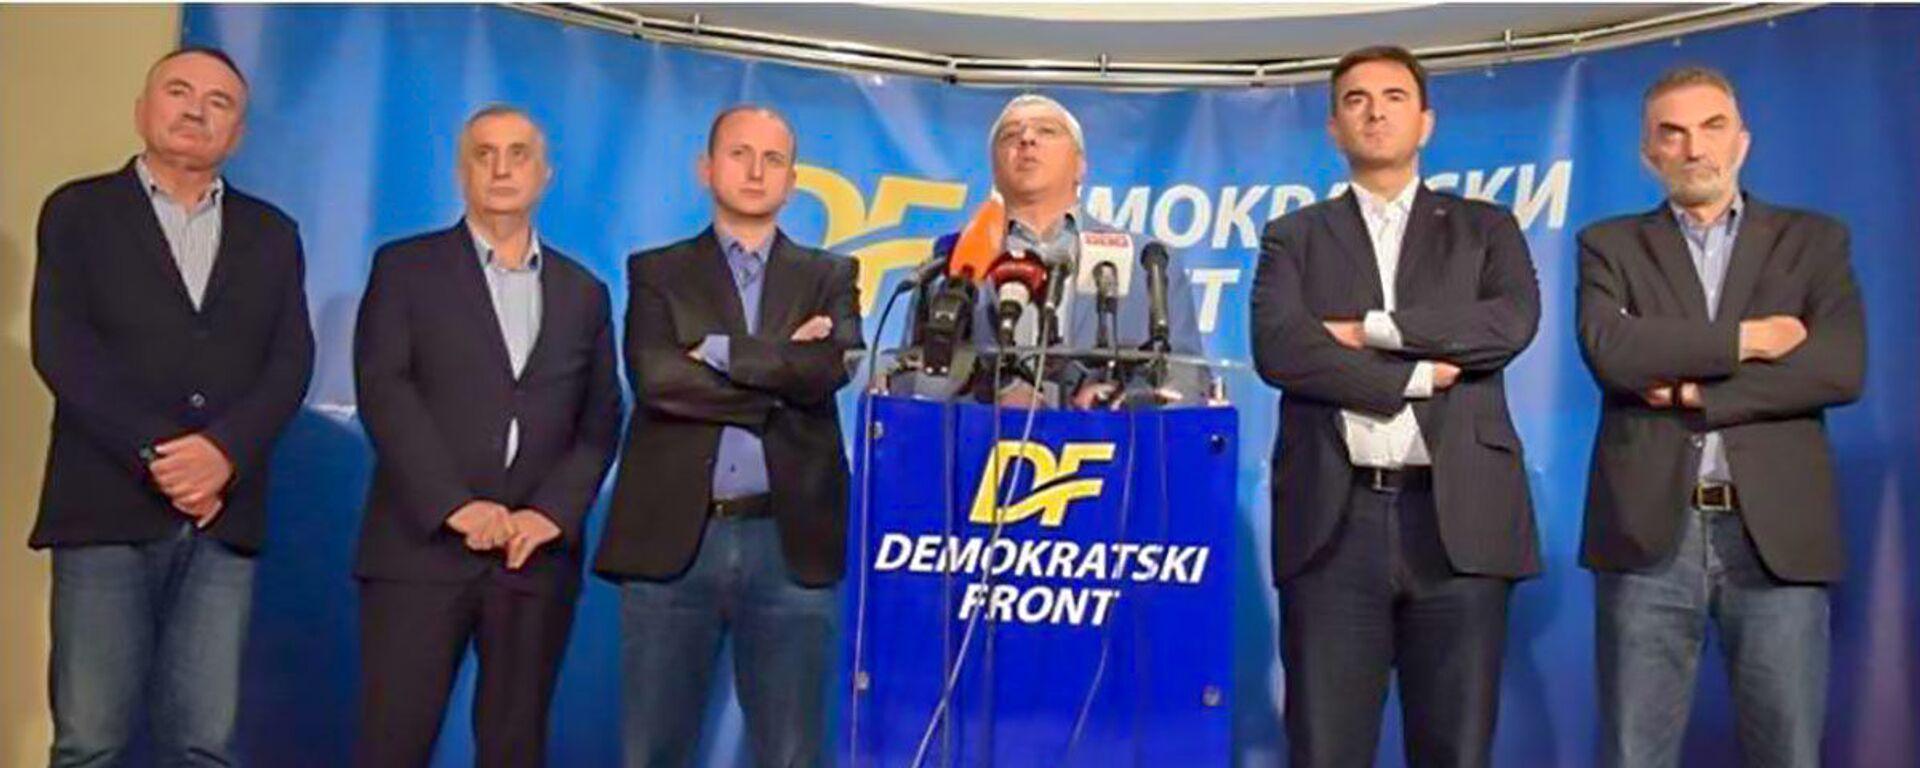 Lideri Demokratskog fronta  - Sputnik Srbija, 1920, 22.09.2021